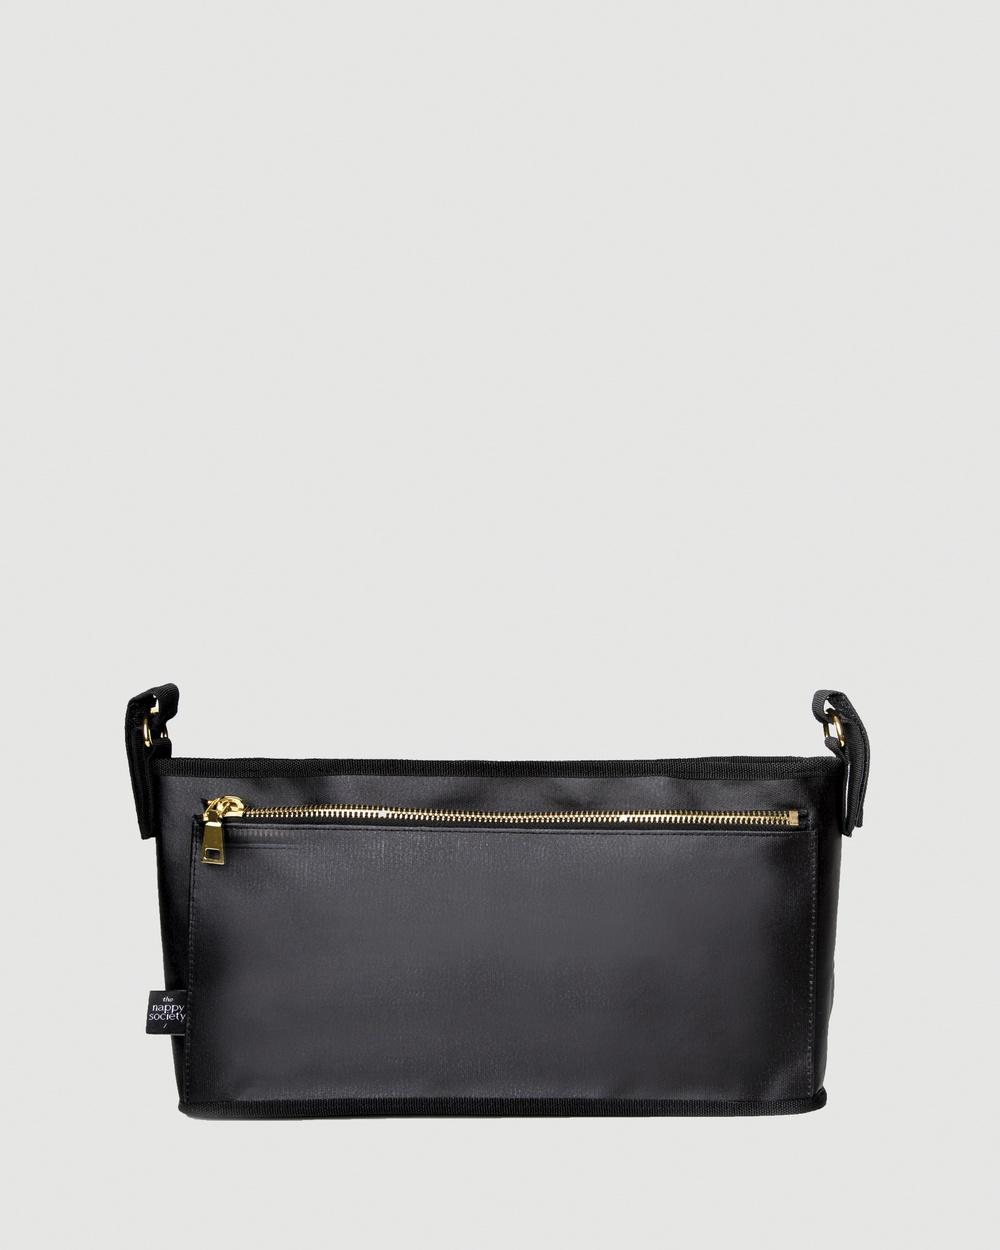 The Nappy Society Pram Caddy Bags Black Australia